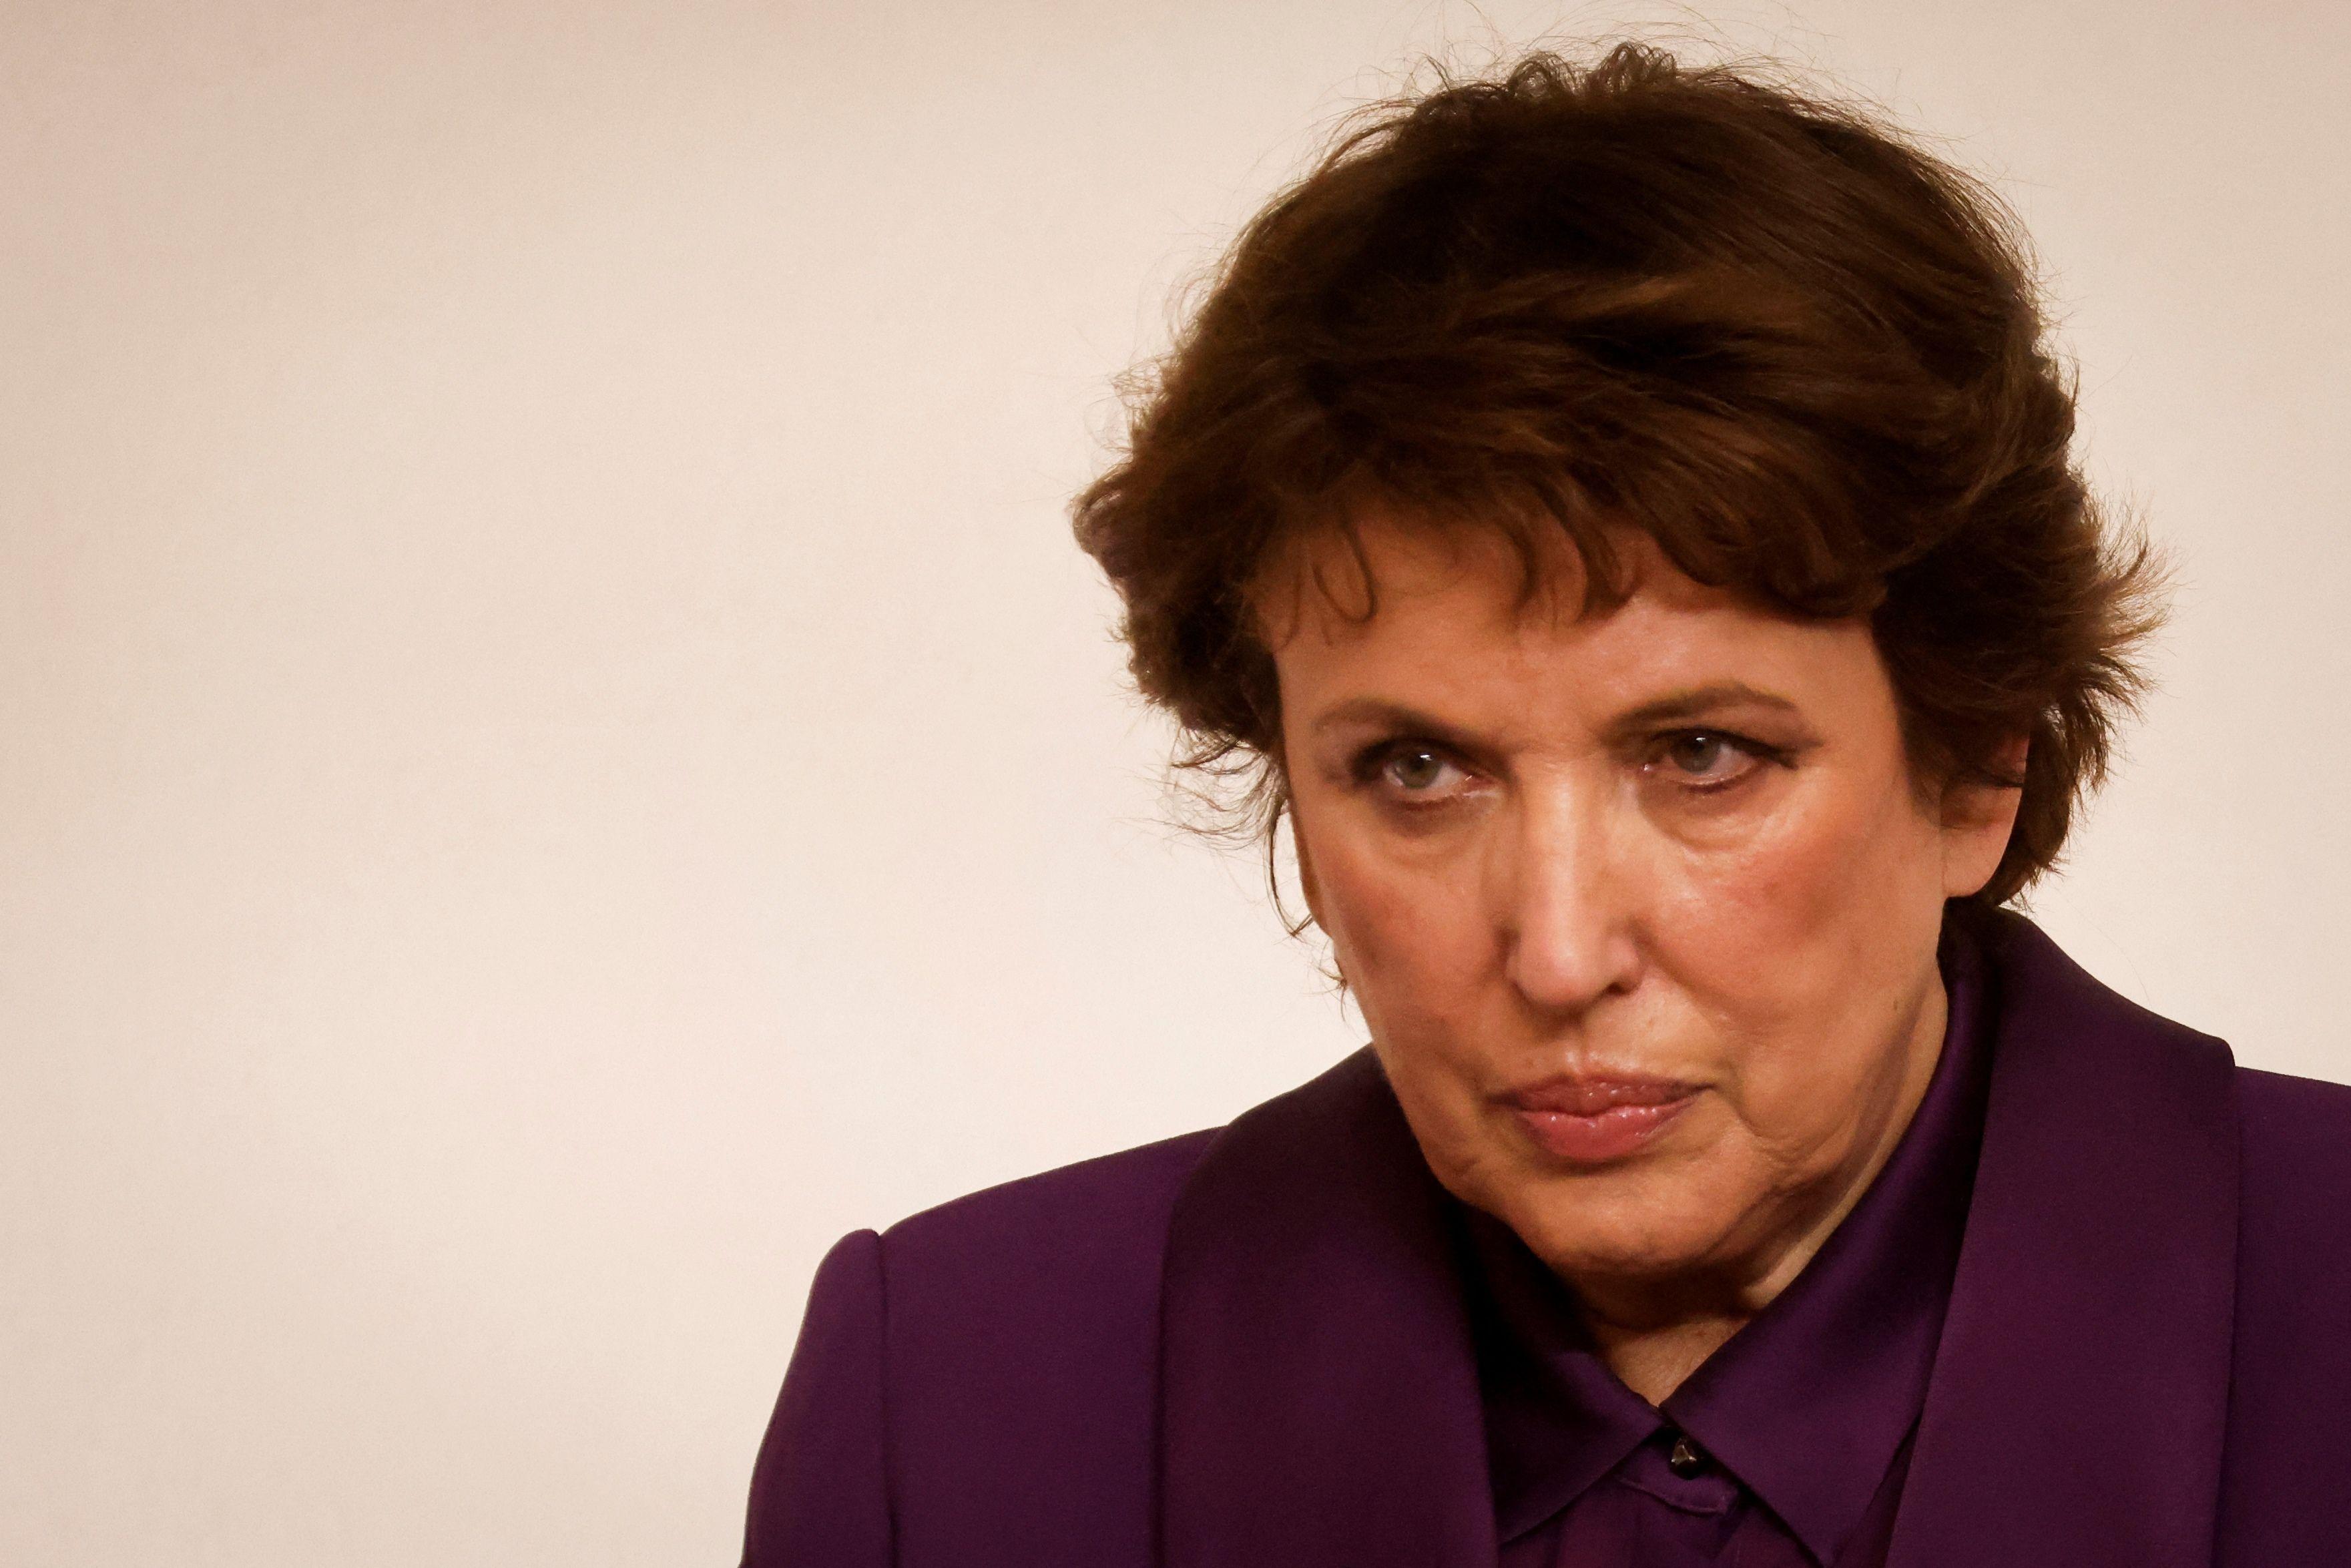 La ministre de la Culture, Roselyne Bachelot, revient sur sa son infection au Covid-19. (Ludovic MARIN...